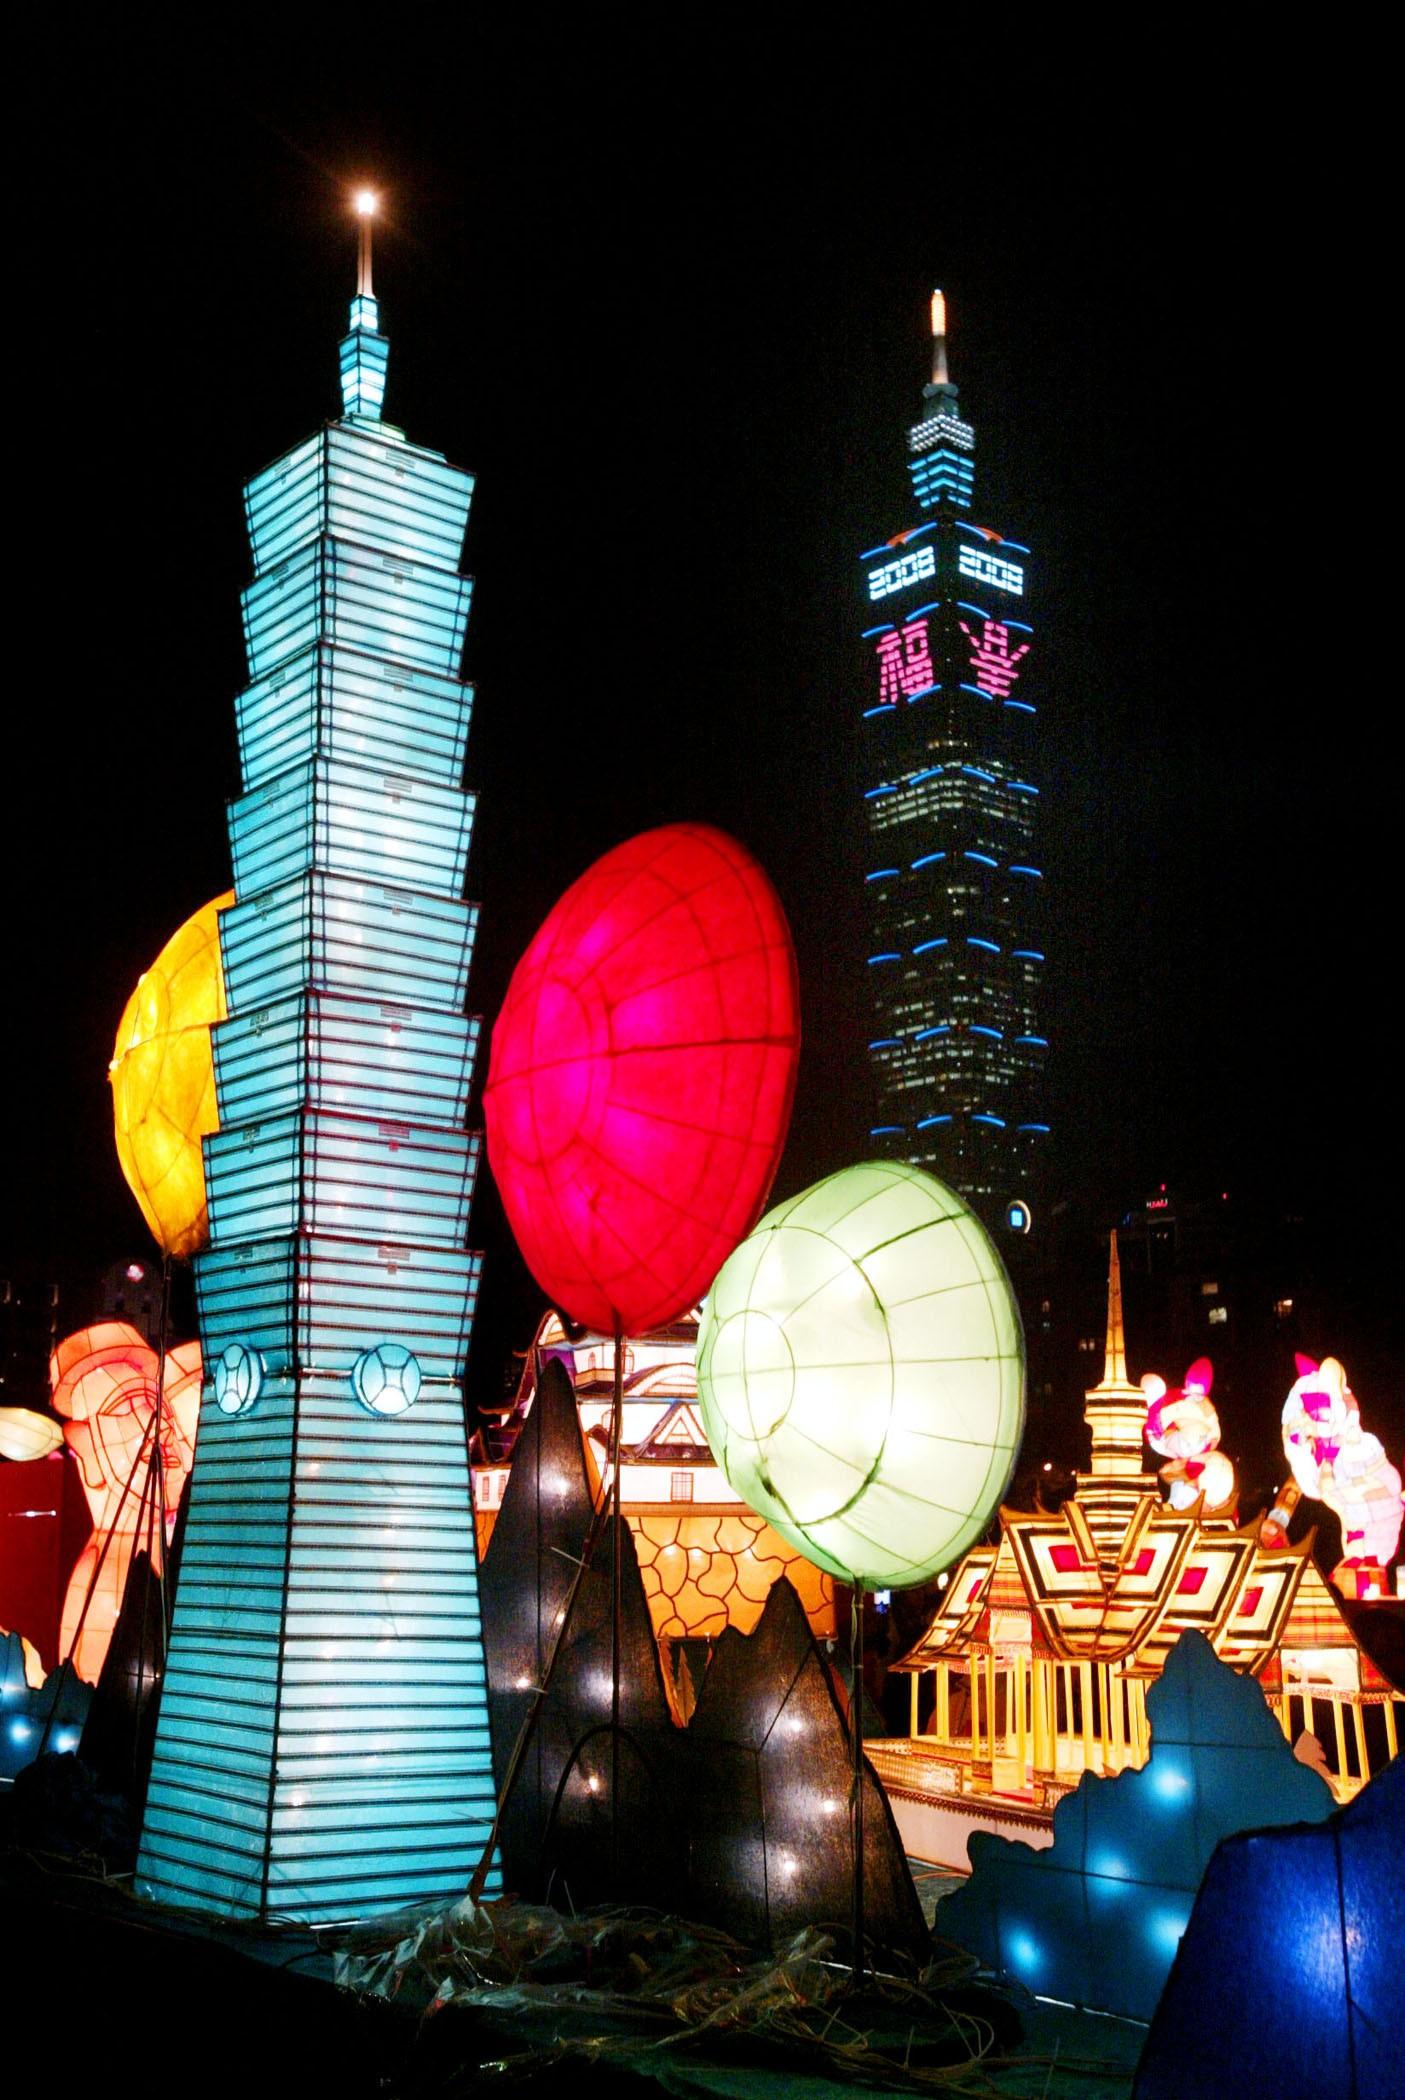 台北燈節國父紀念館的學生燈區,匯集全國優秀作品,展現傳統技藝教育成果。